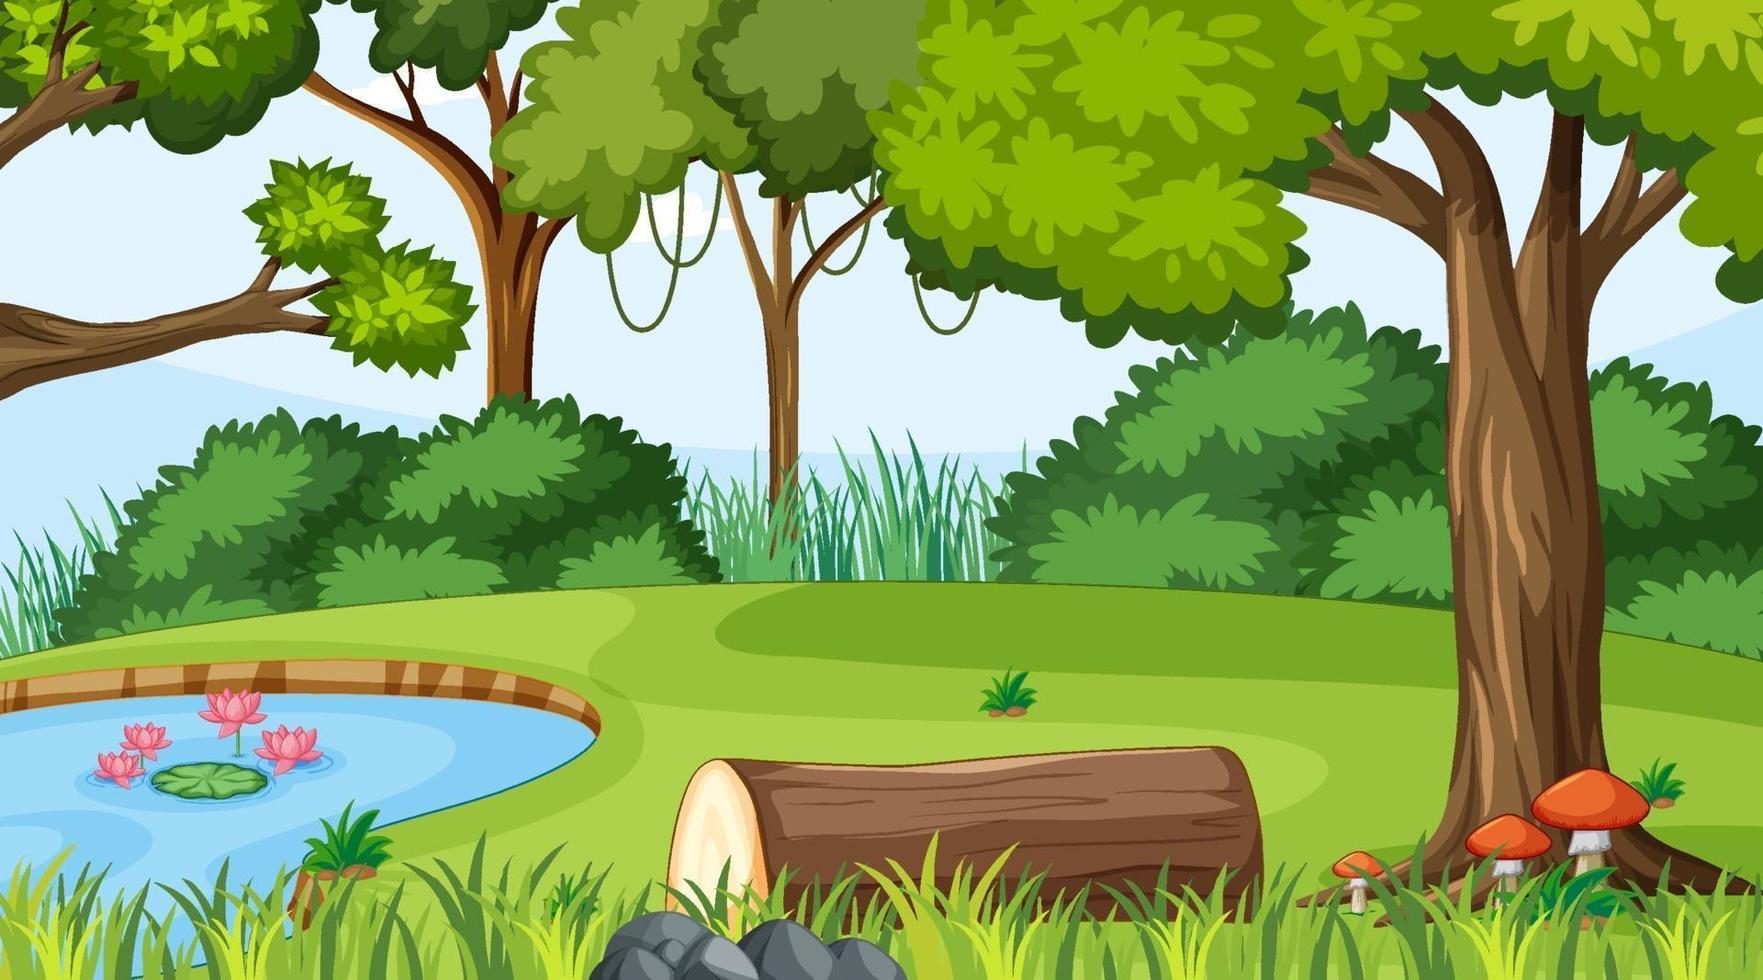 cena de paisagem de floresta durante o dia com lago e muitas árvores vetor